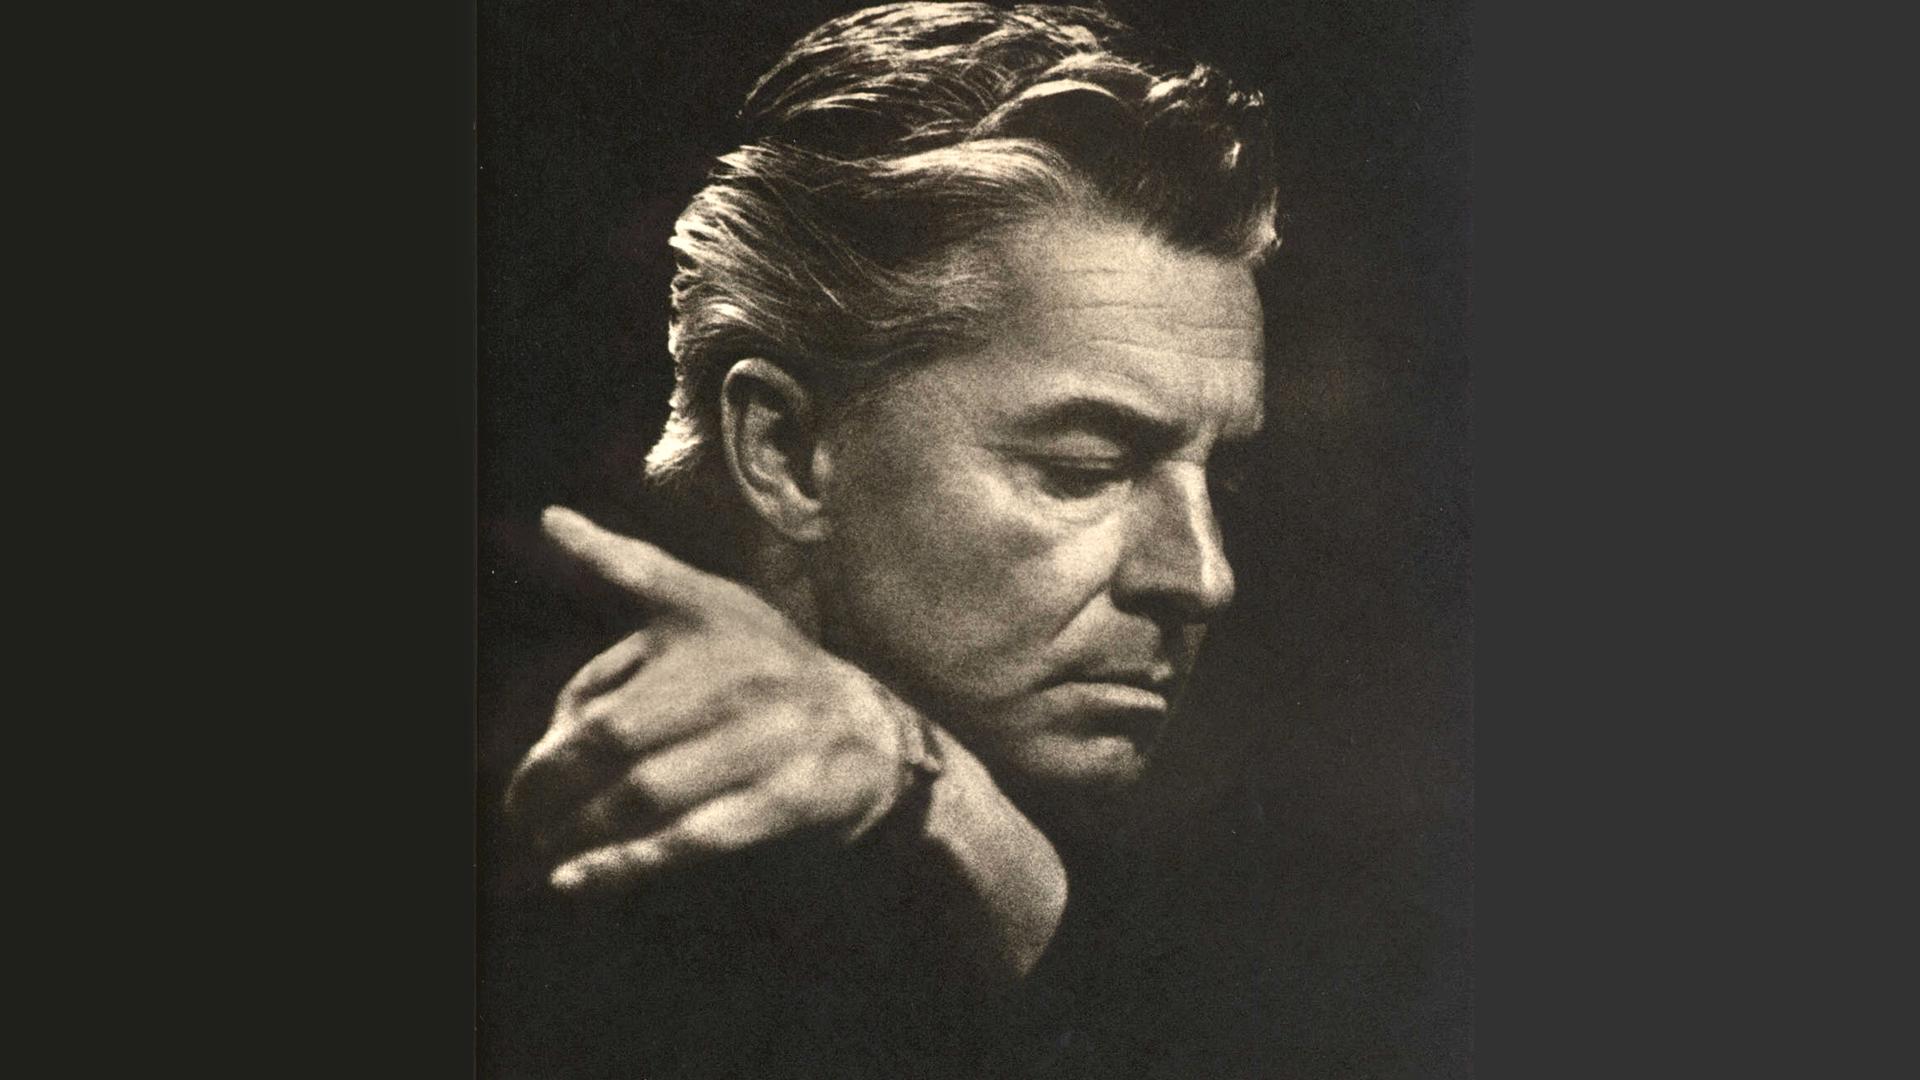 Herbert von Karajan dirige la Symphonie n°1 de Brahms